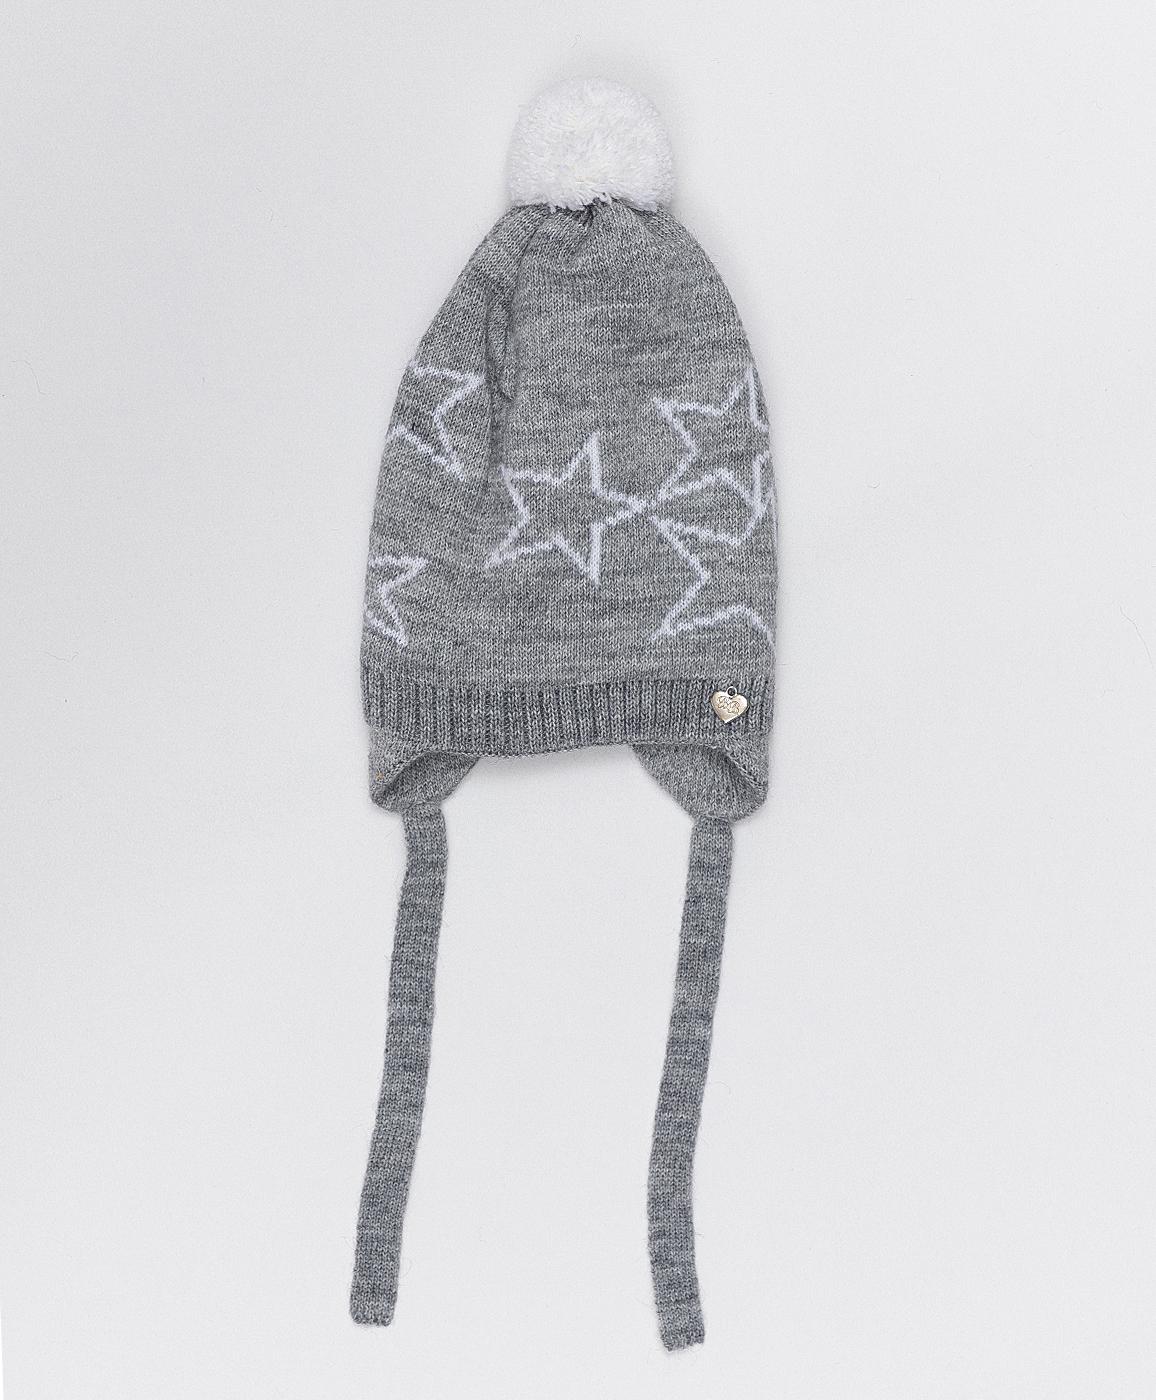 Купить 220BBGMX73021901, Серая шапка с завязками Button Blue, серый, 50, Вязаный трикотаж, Женский, Зима, ОСЕНЬ/ЗИМА 2020-2021 (shop: GulliverMarket Gulliver Market)